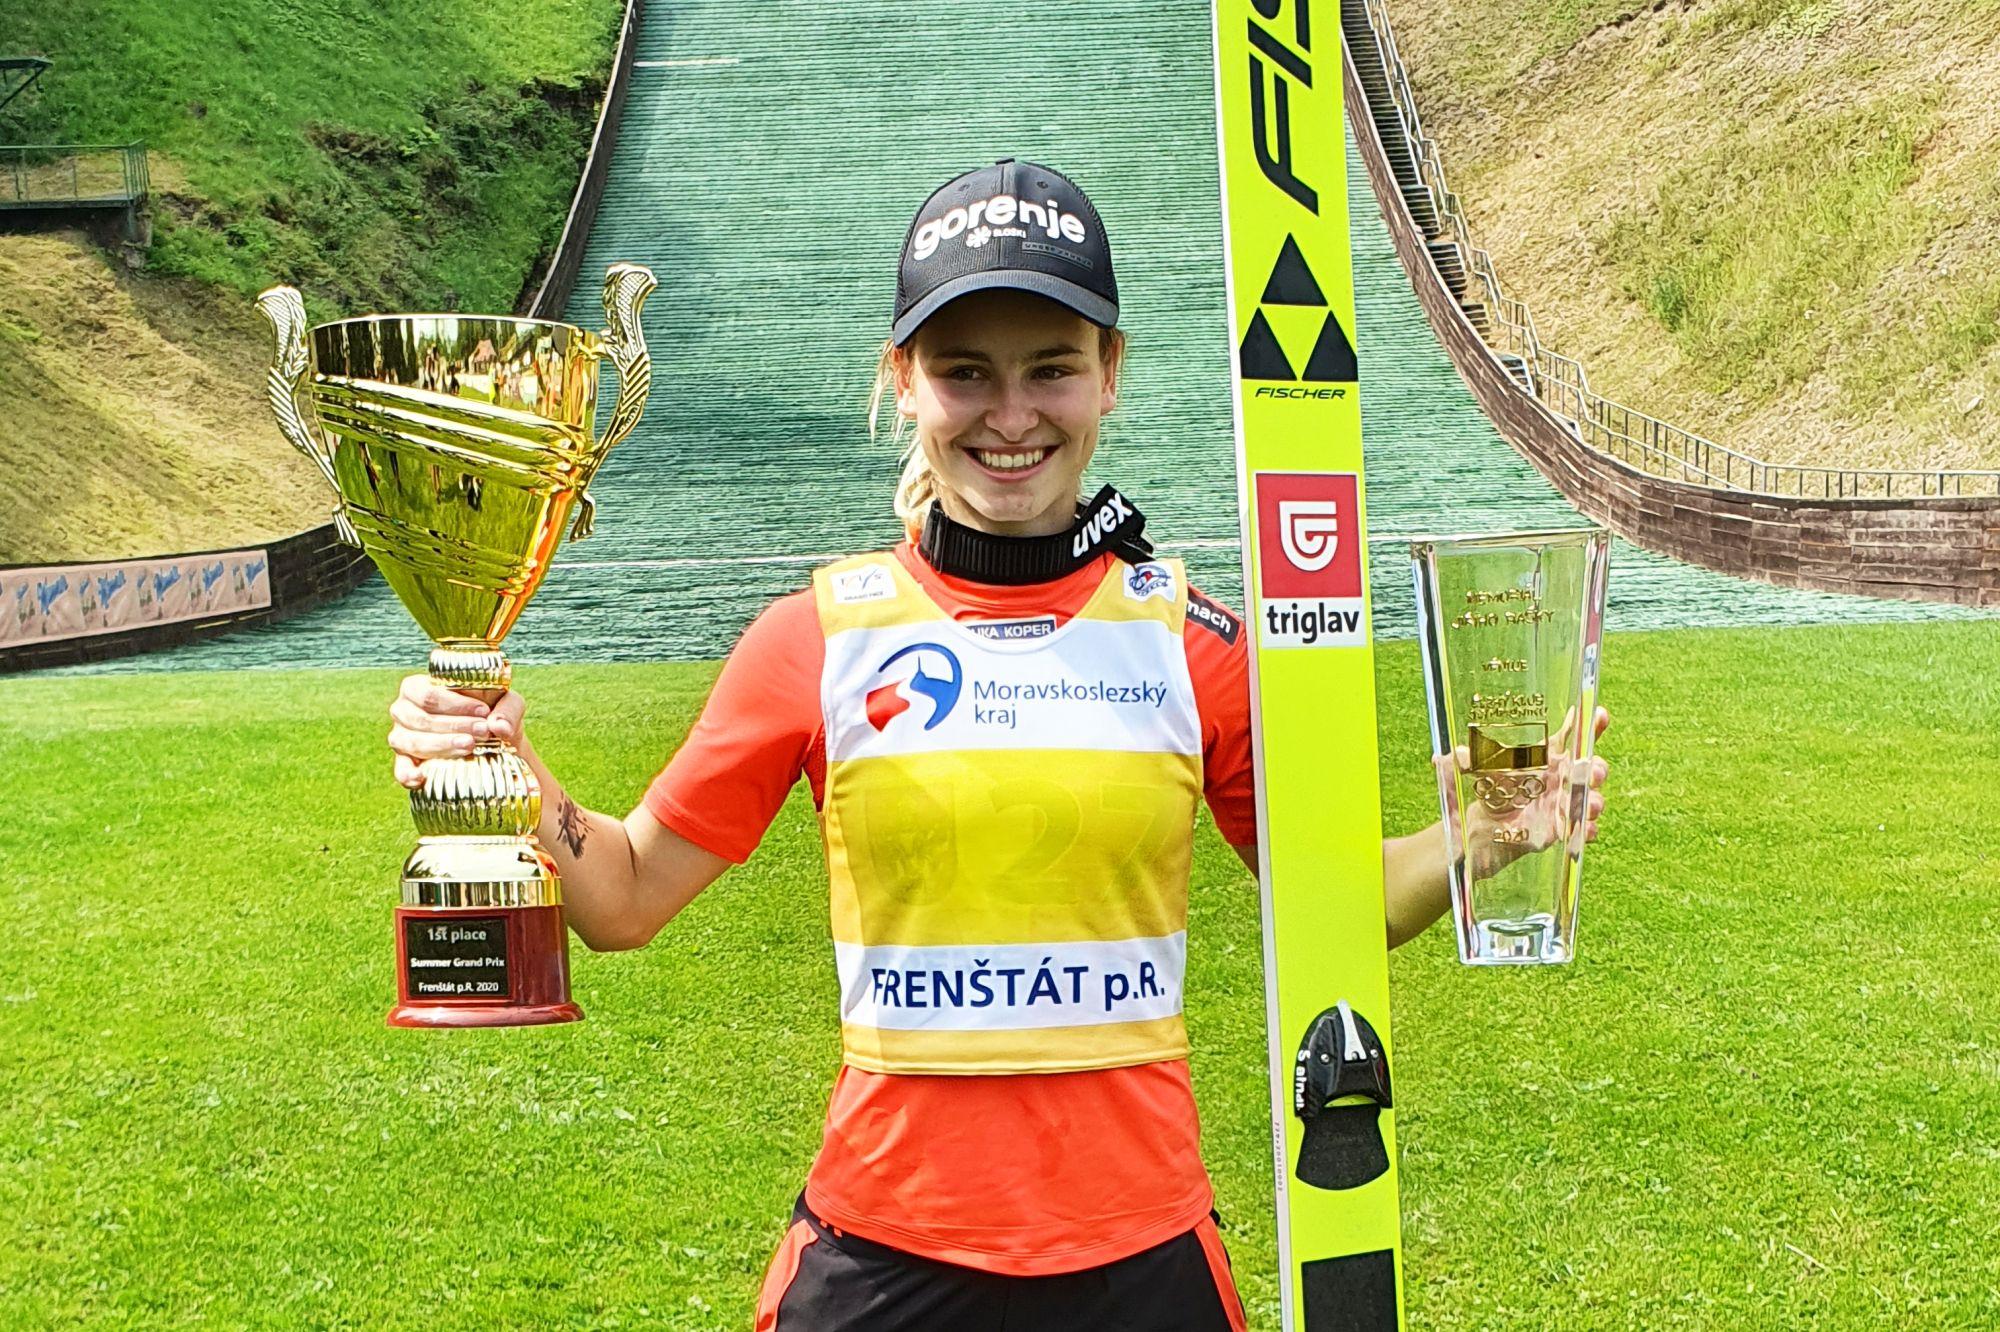 NikaKriznar Frenstat2020 fot.LukaszSzymura - Letnie Grand Prix kobiet